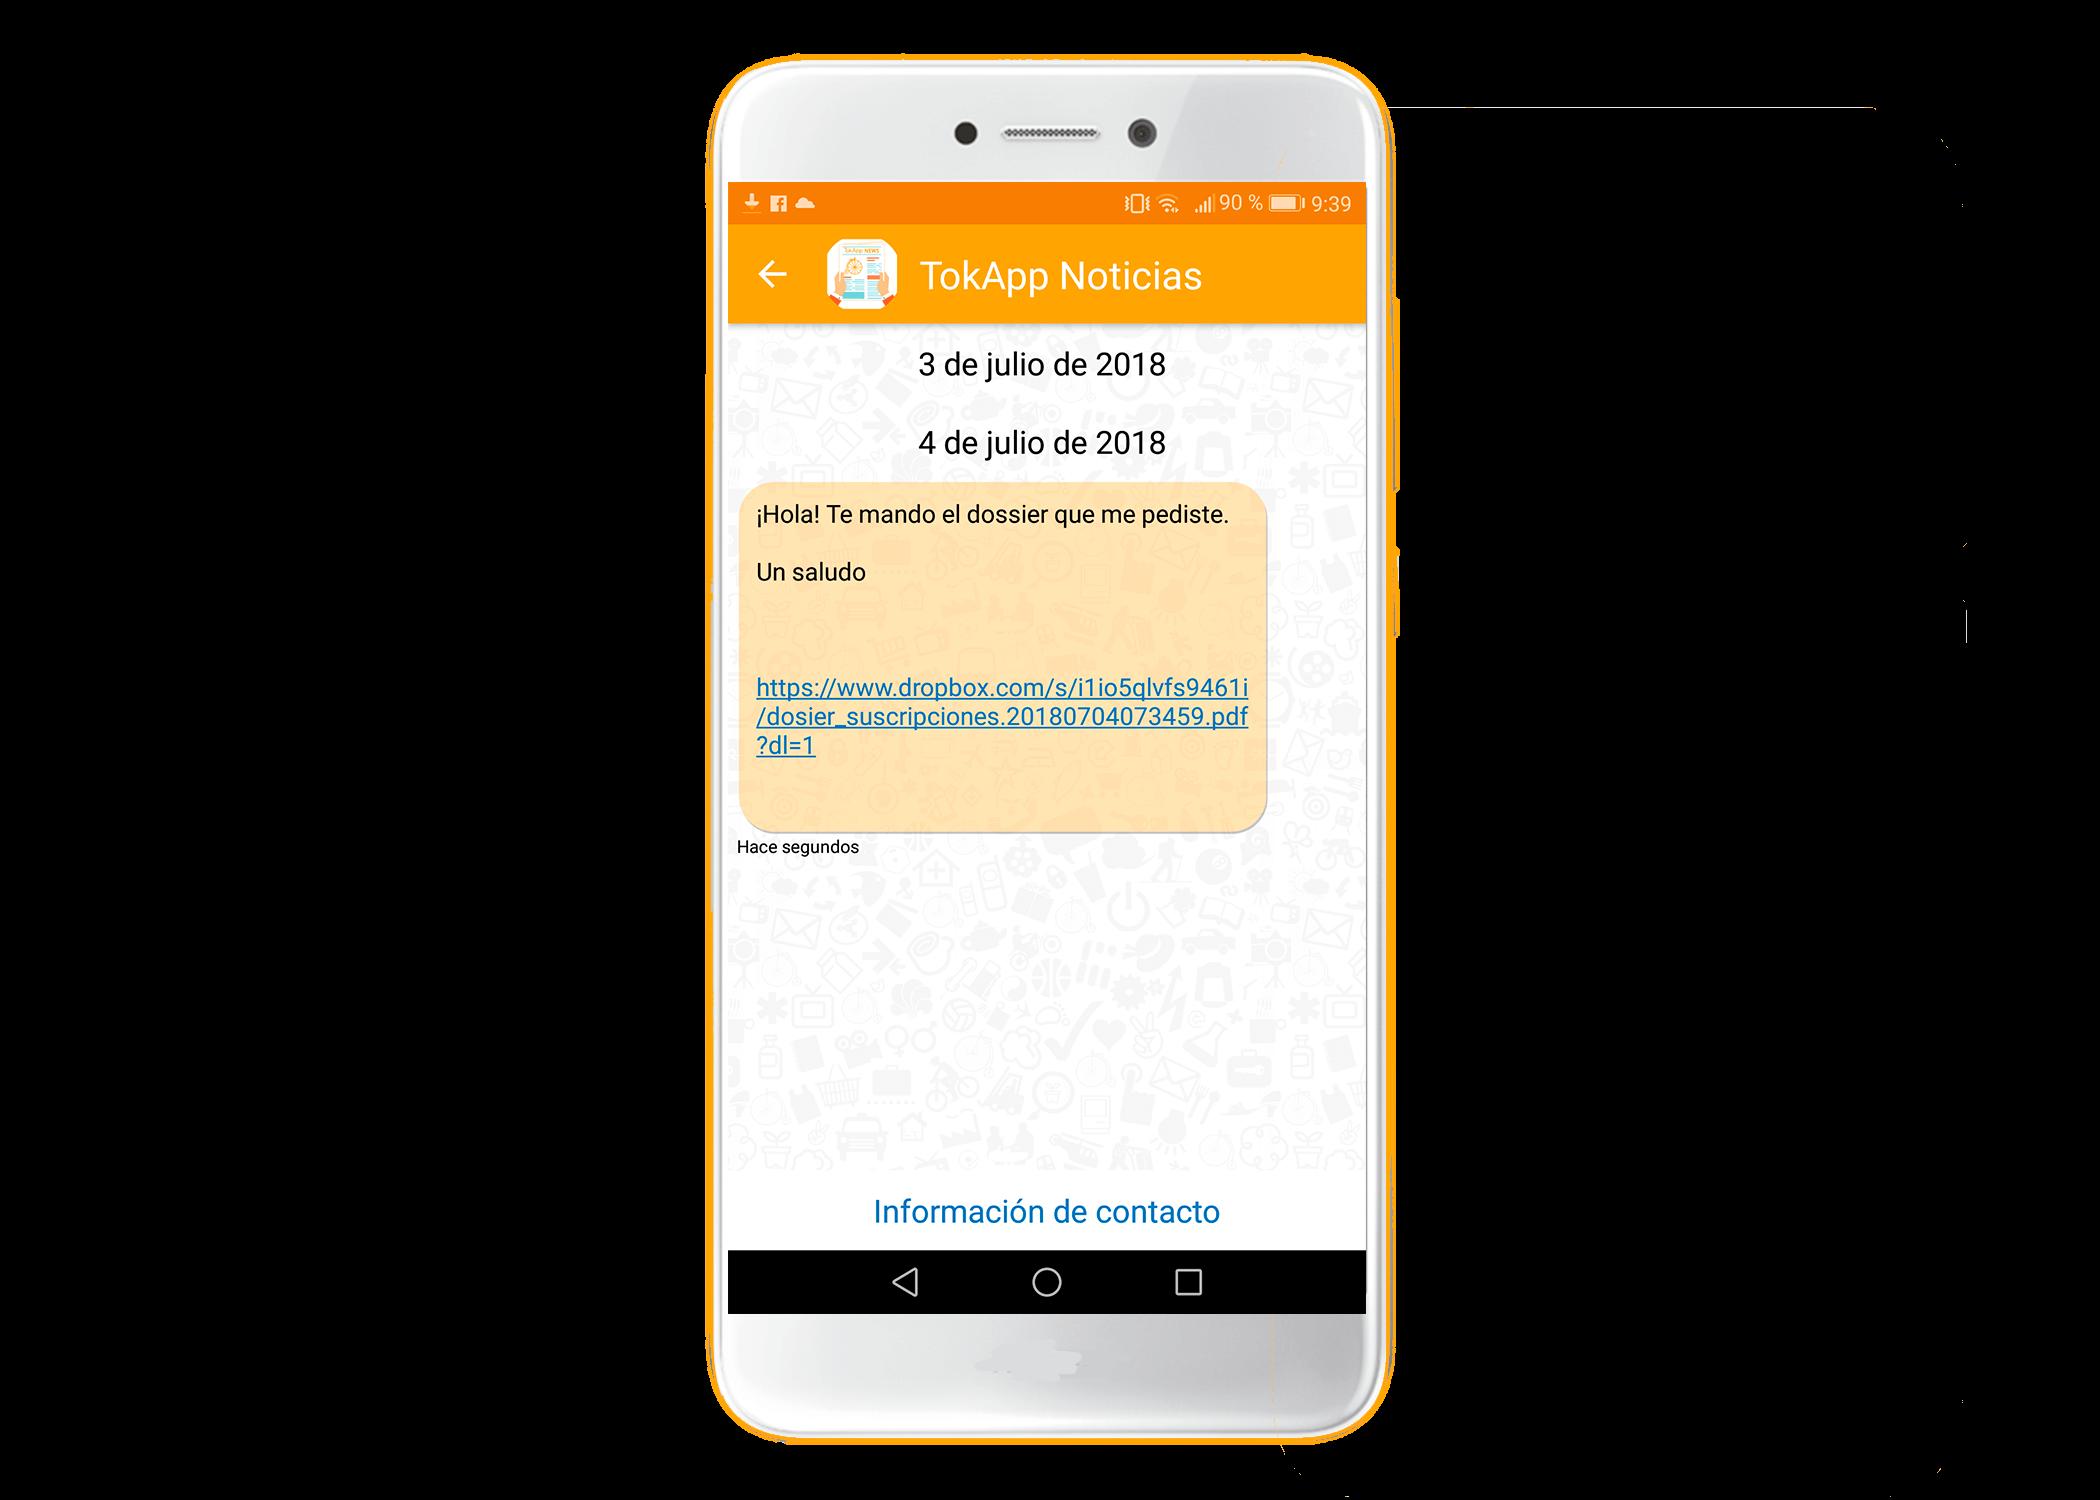 Abrir PDF en móvil con app de mensajería instantánea TokApp